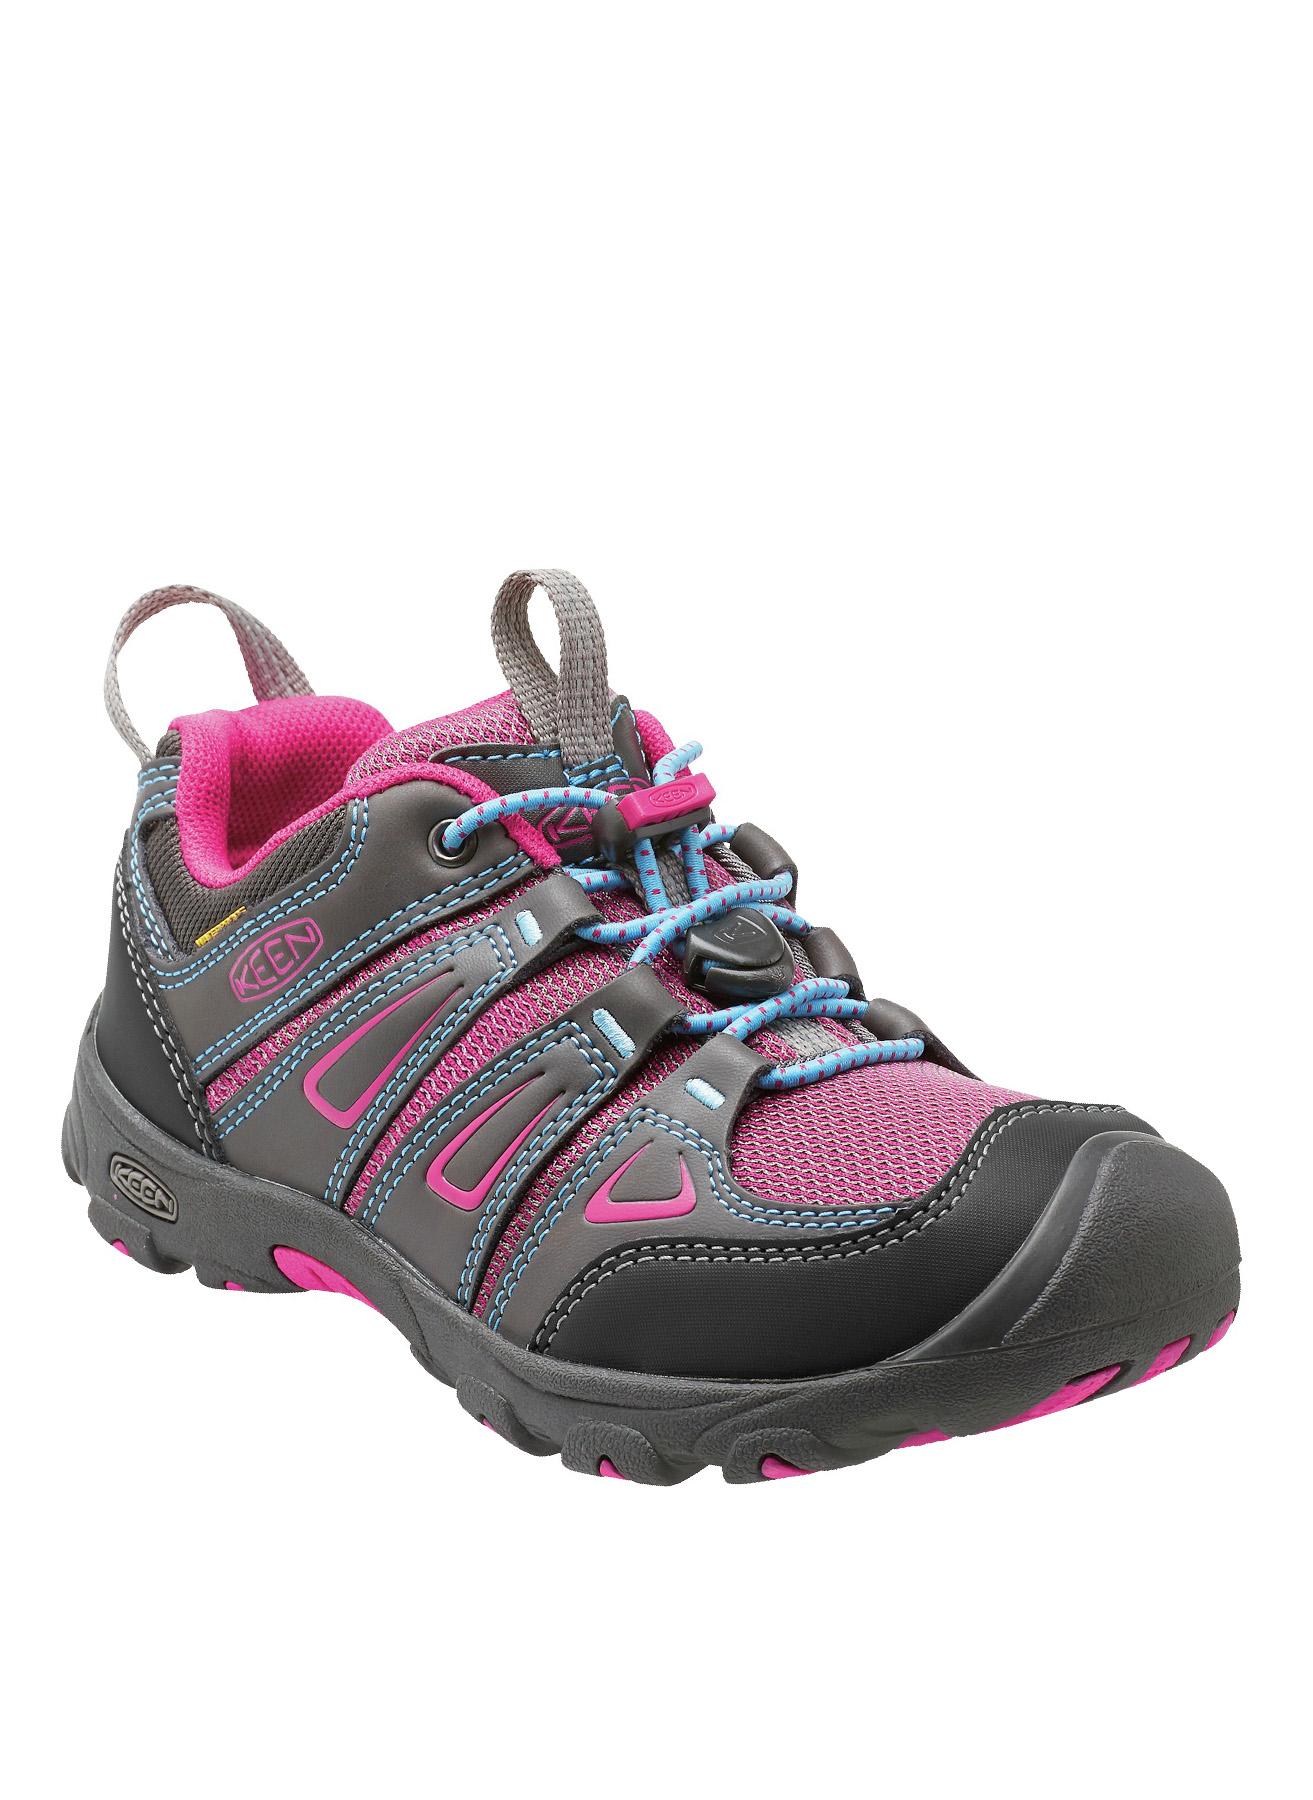 Keen Waterproof Pembe-Gri Günlük Ayakkabı 38 5002339943006 Ürün Resmi